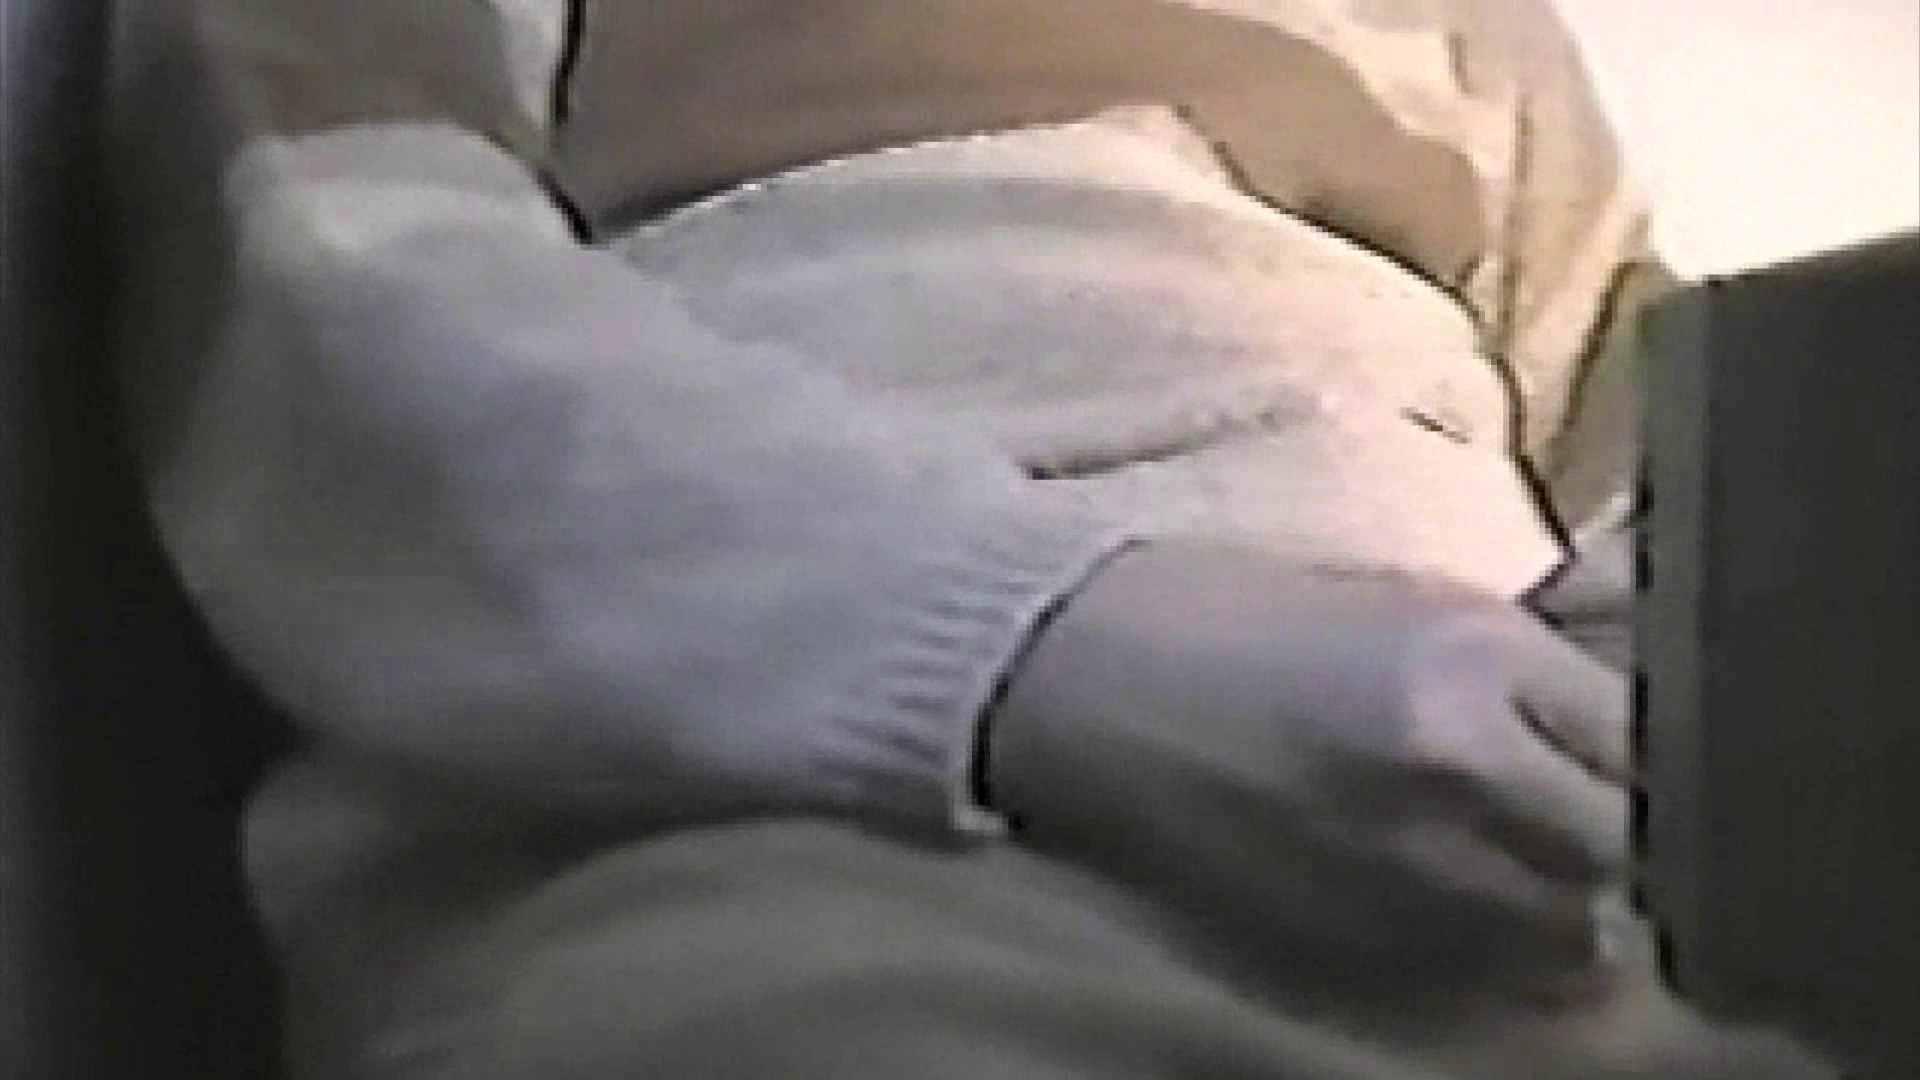 オナニーでほえろ なんじゃこりゃぁあ!!Vol.06前編 オナニー特集 | ボーイズ私服  97pic 92